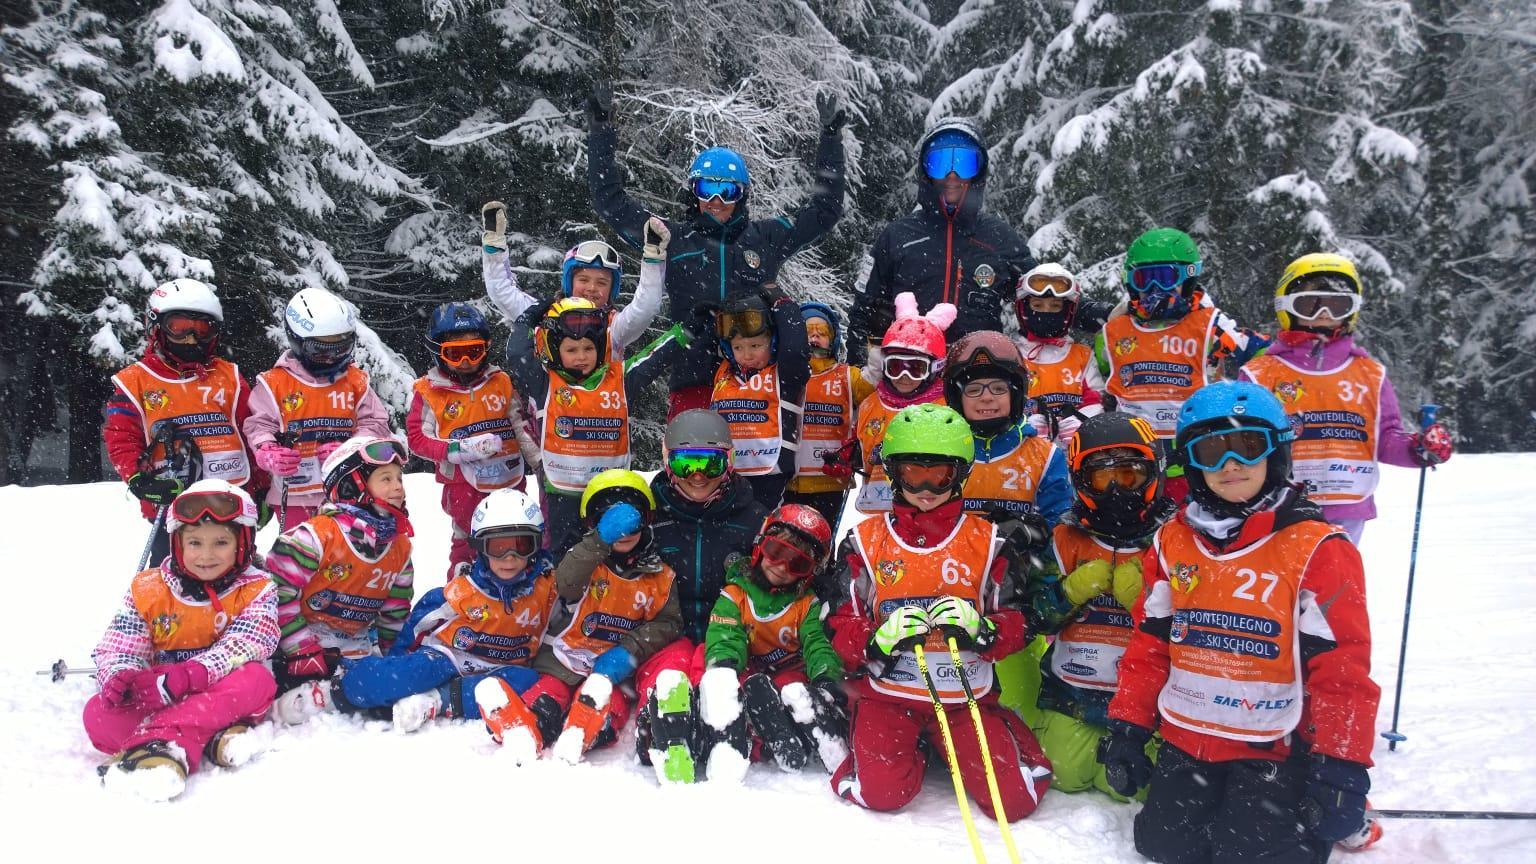 Lezioni di sci per bambini (4-13 anni) - Natale